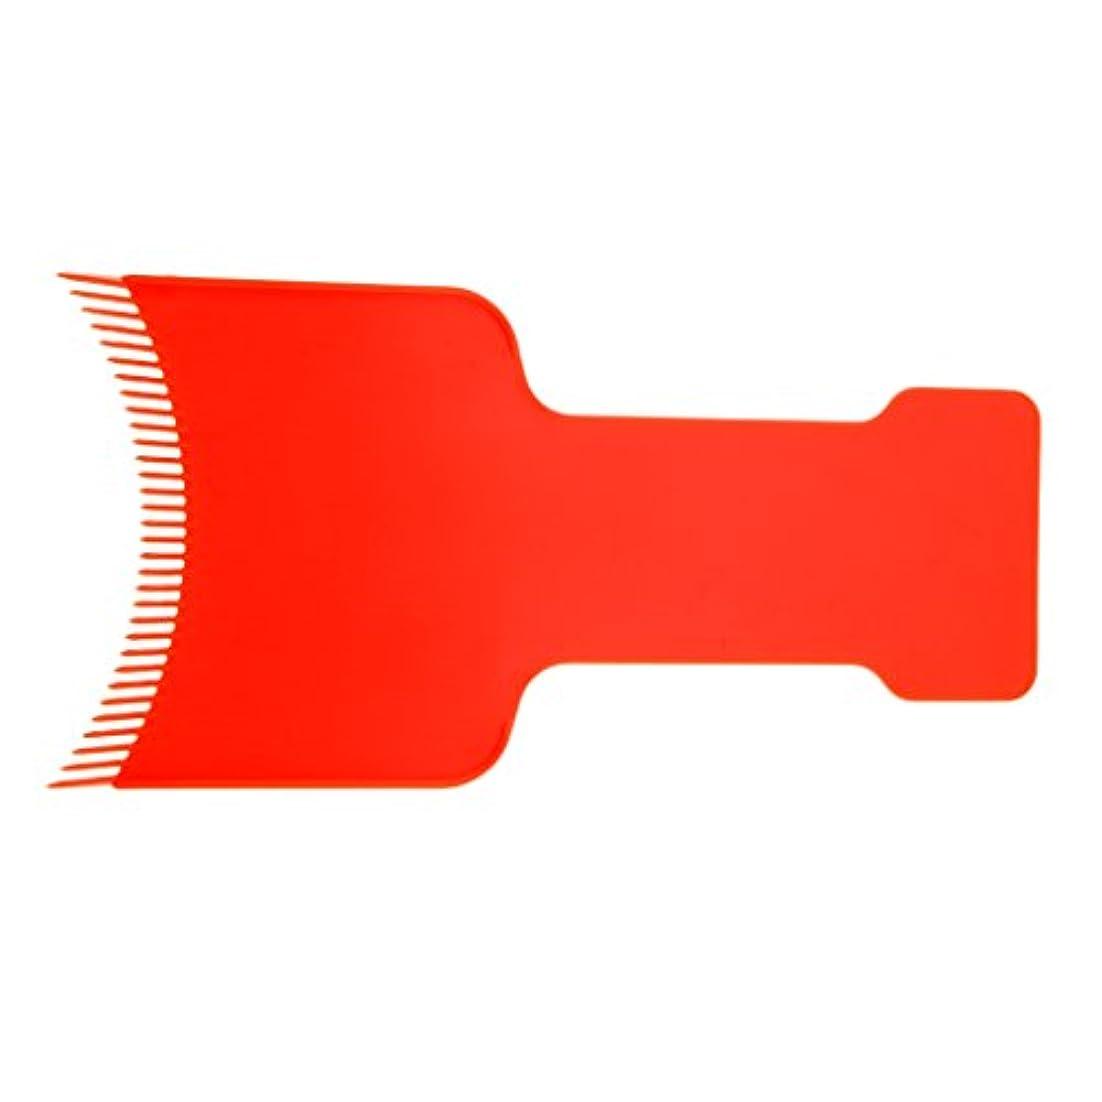 保持するコート取るToygogo サロンヘアカラーボード|染毛剤プレート|理髪理髪ヘアカラーボード19x9.5 Cm